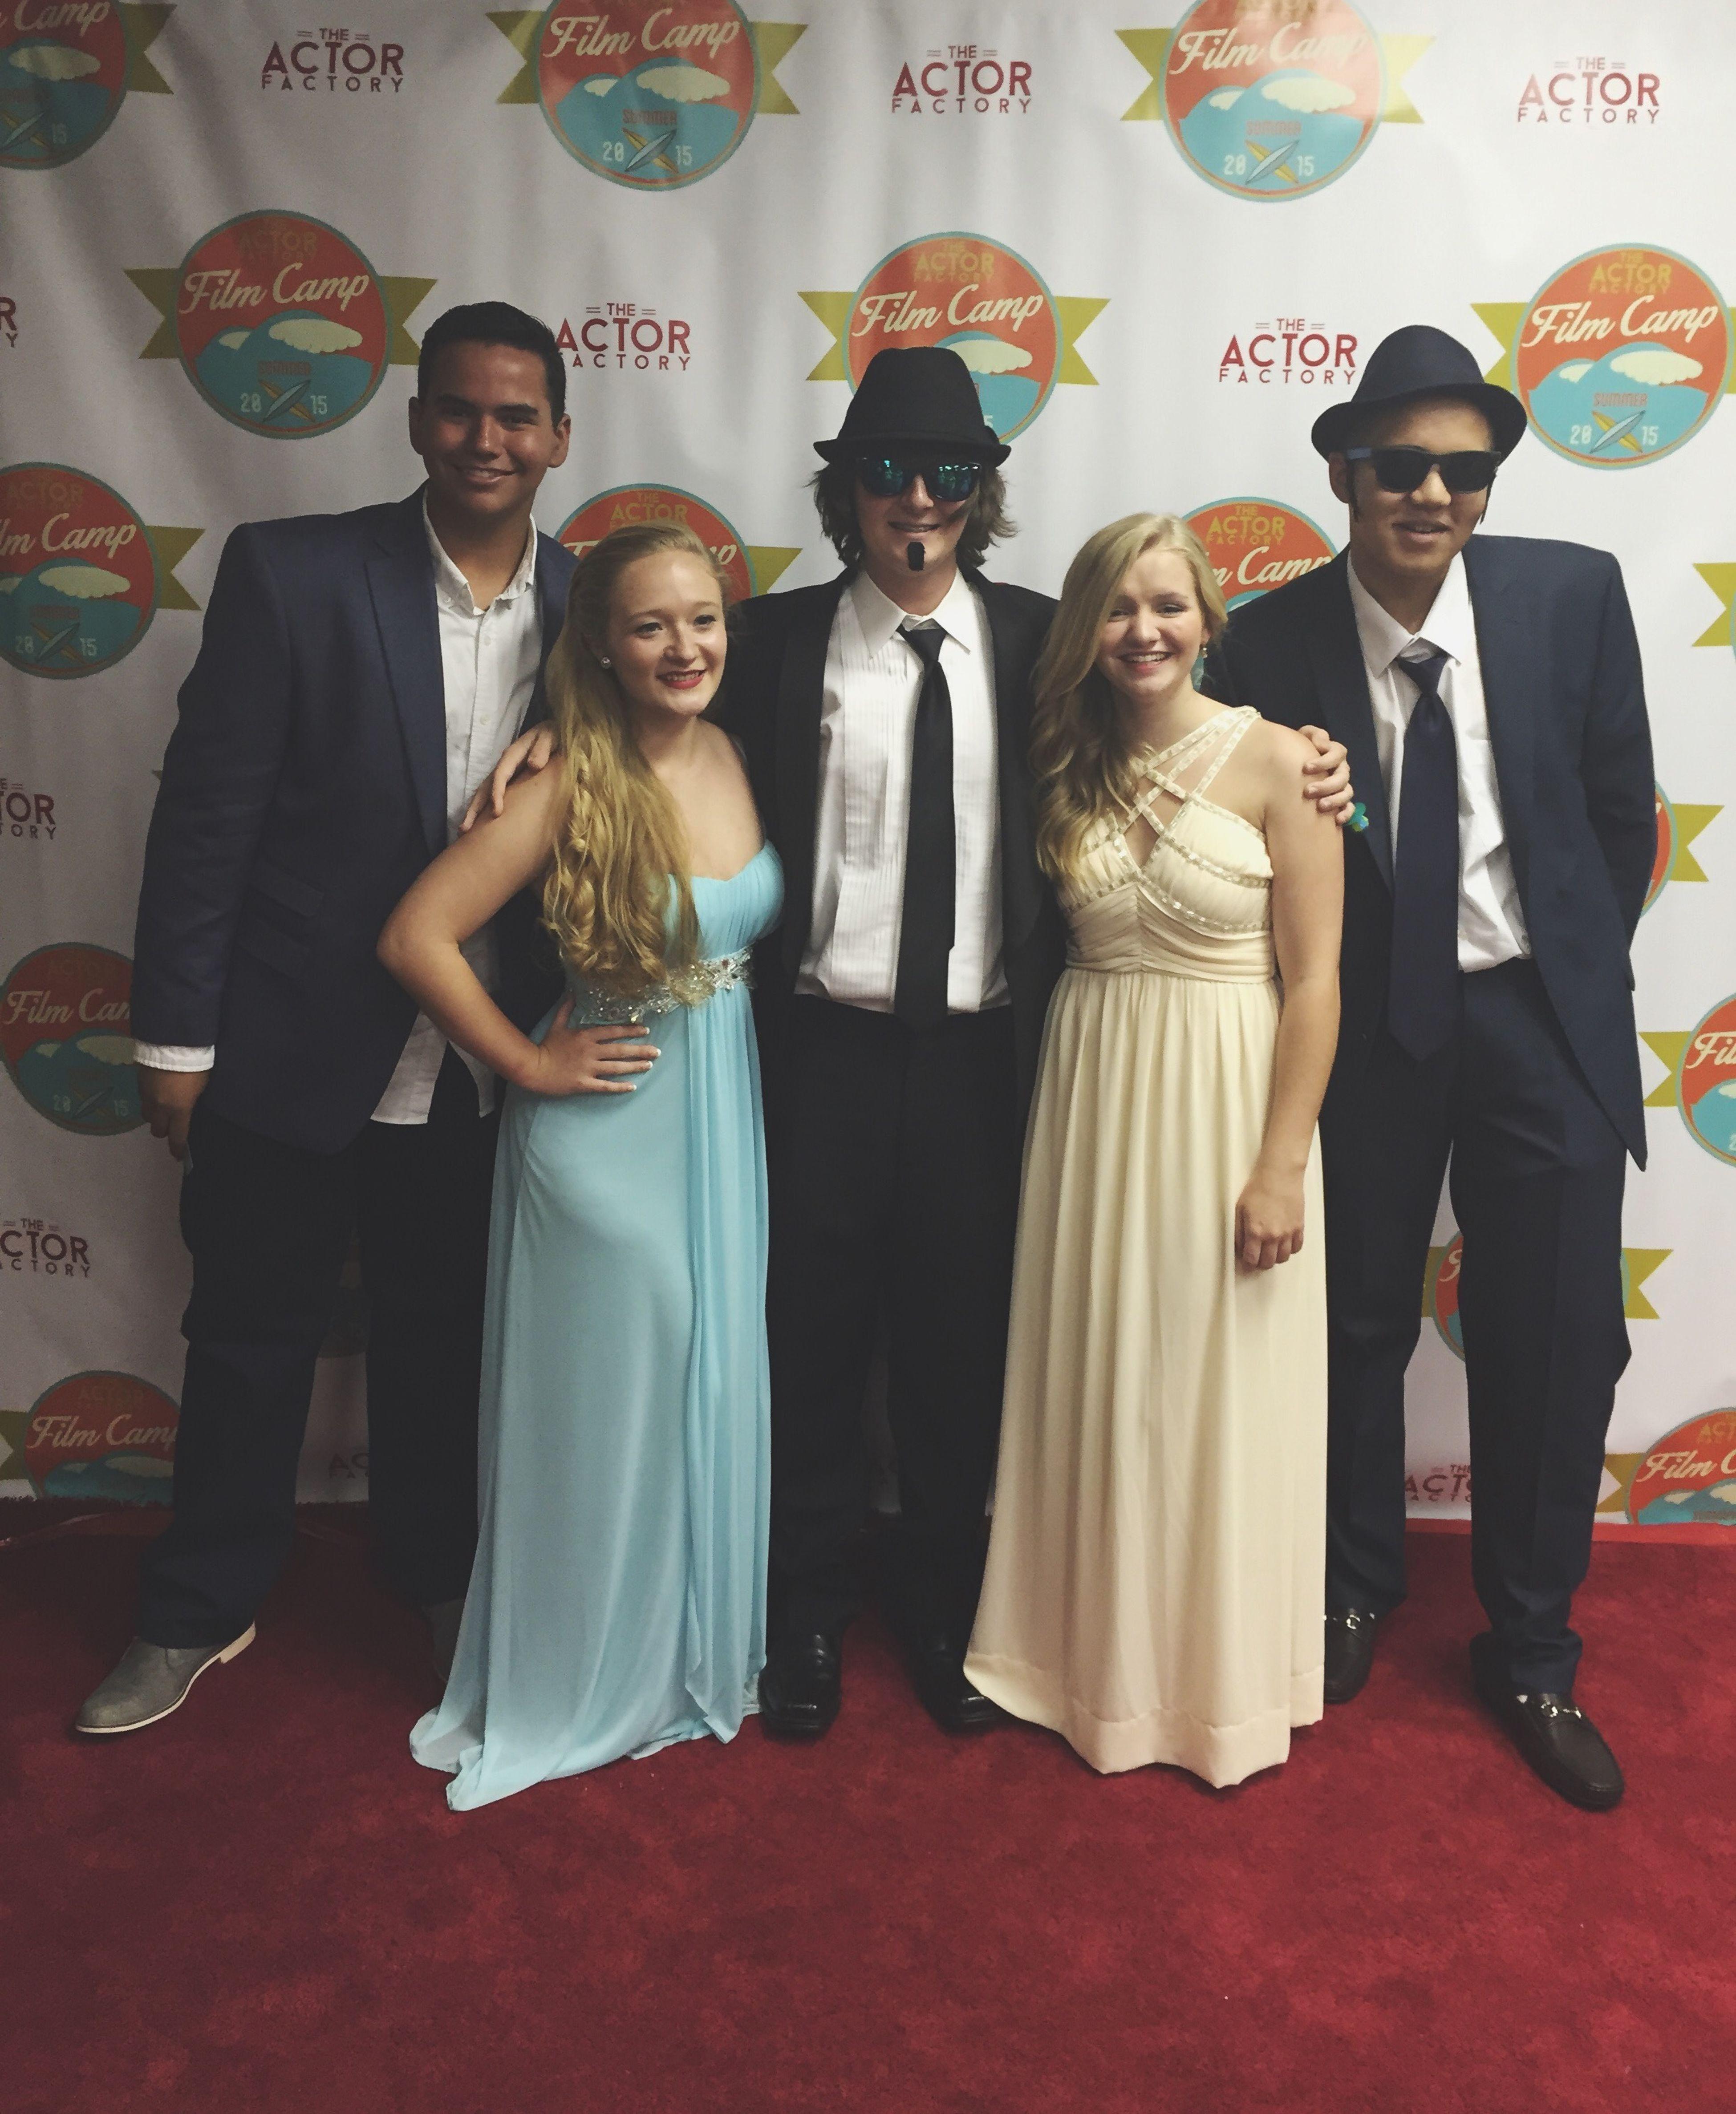 Premiere Film Camp